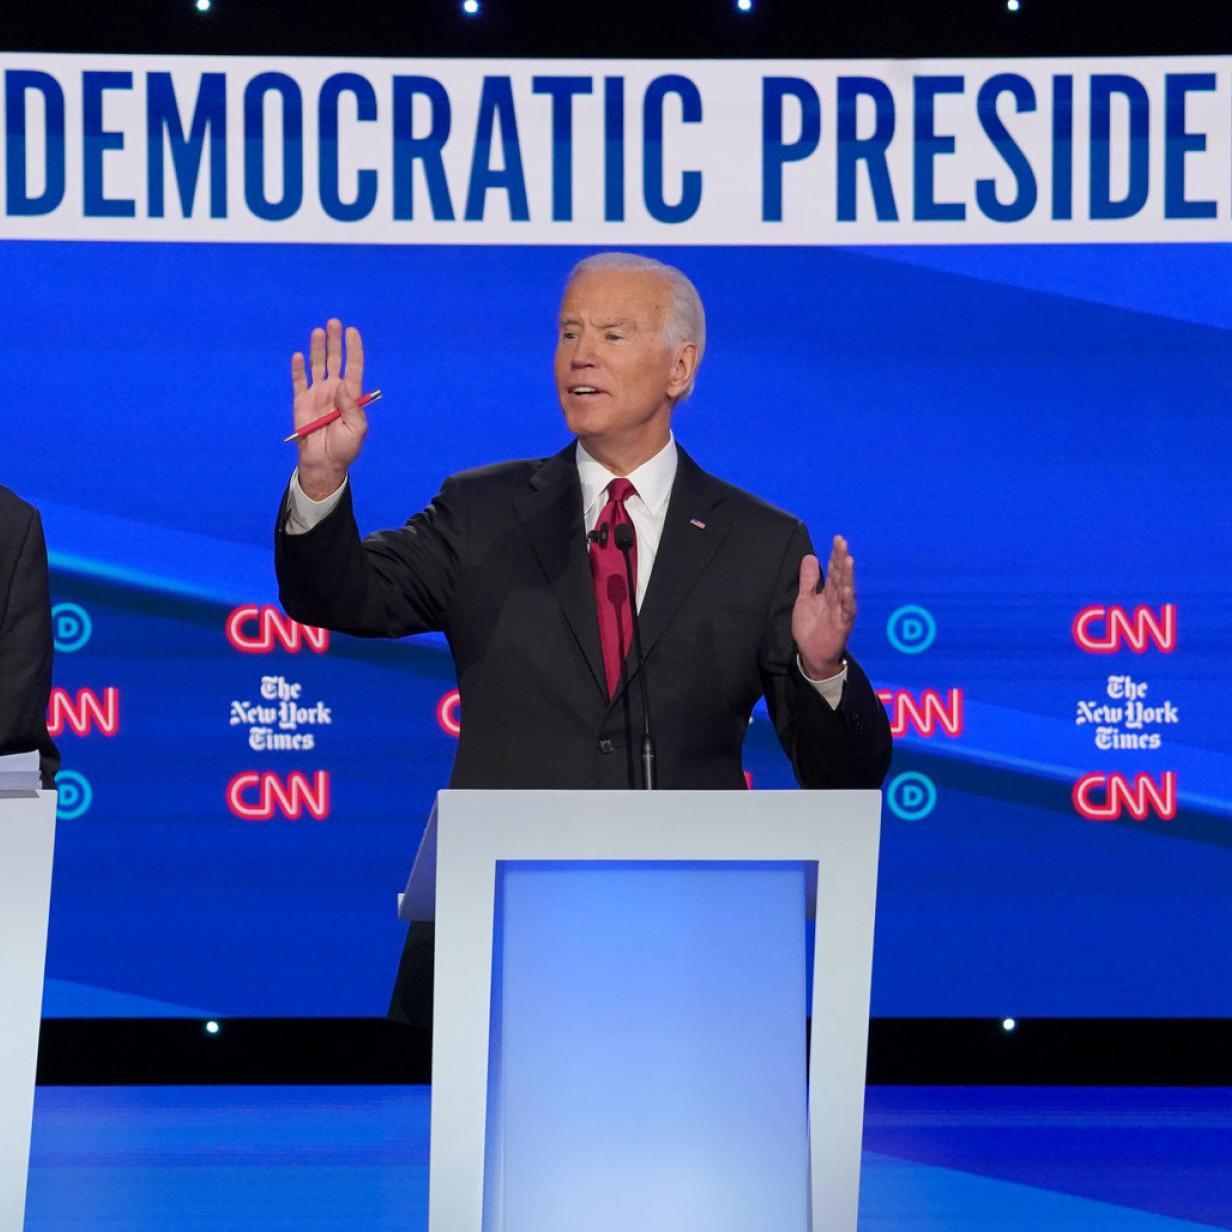 Präsidentschafts-Debatte: US-Demokraten kommen in Fahrt